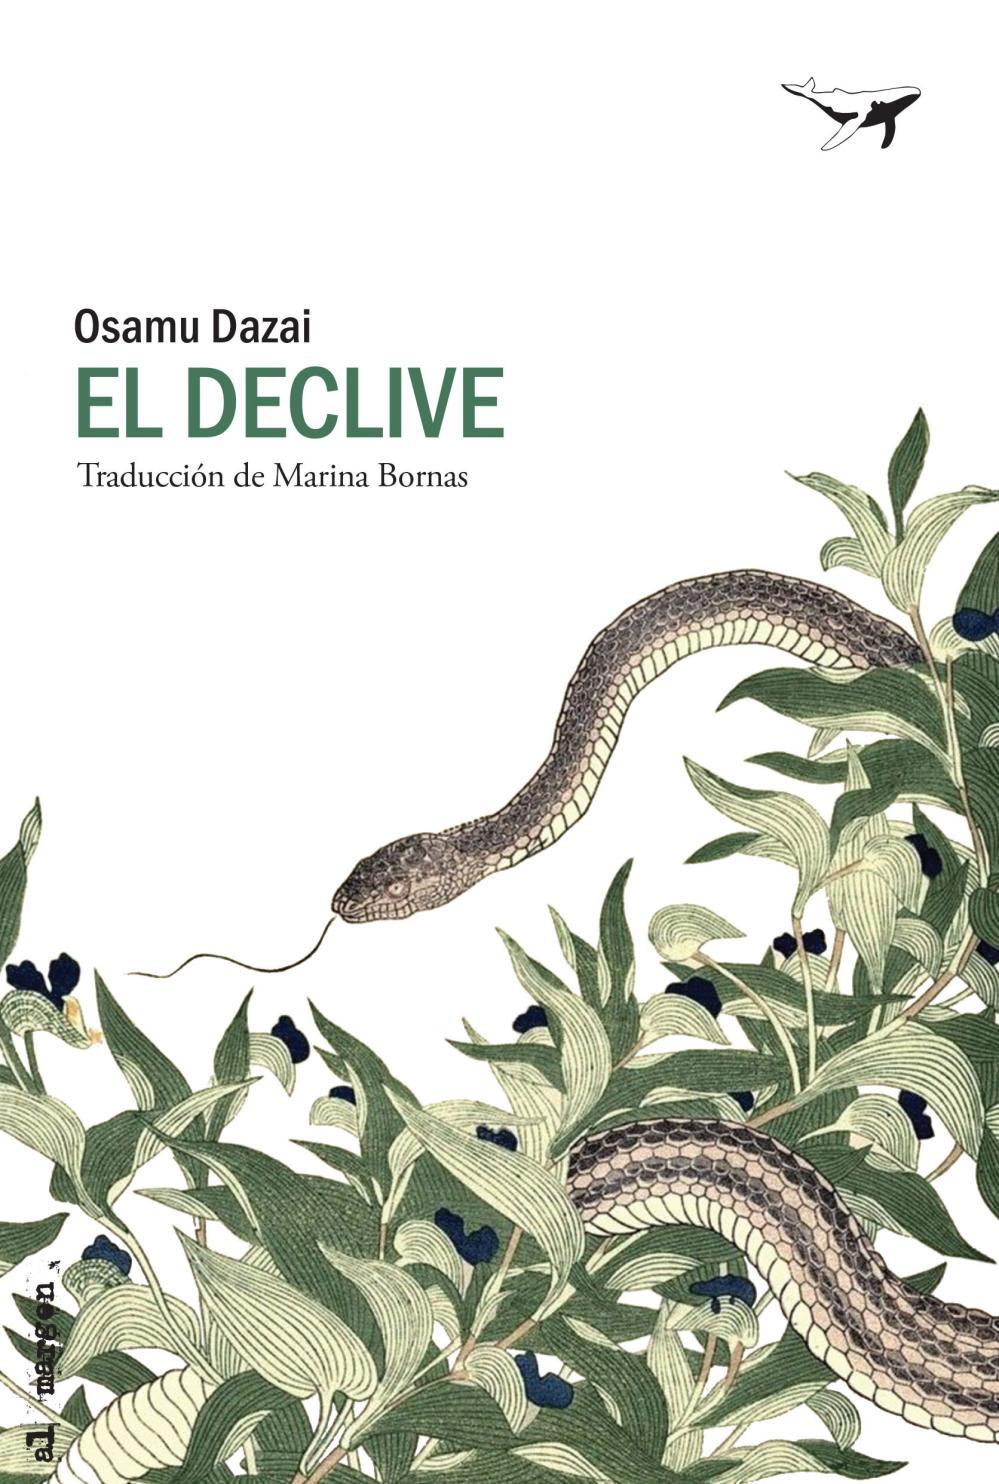 Osamu Dazai | El declive